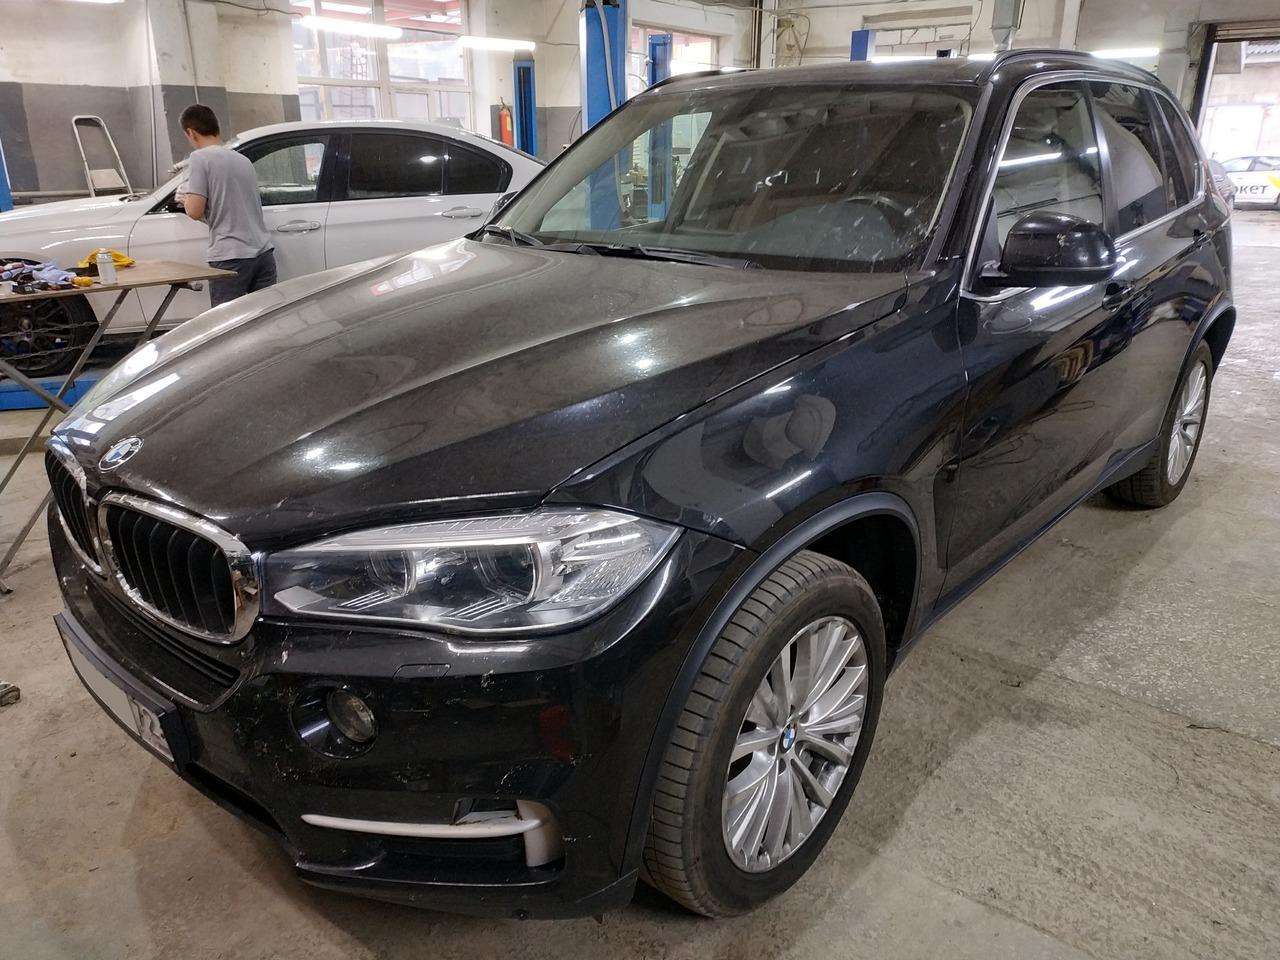 BMW X5 F15 25d 2016 г.в.